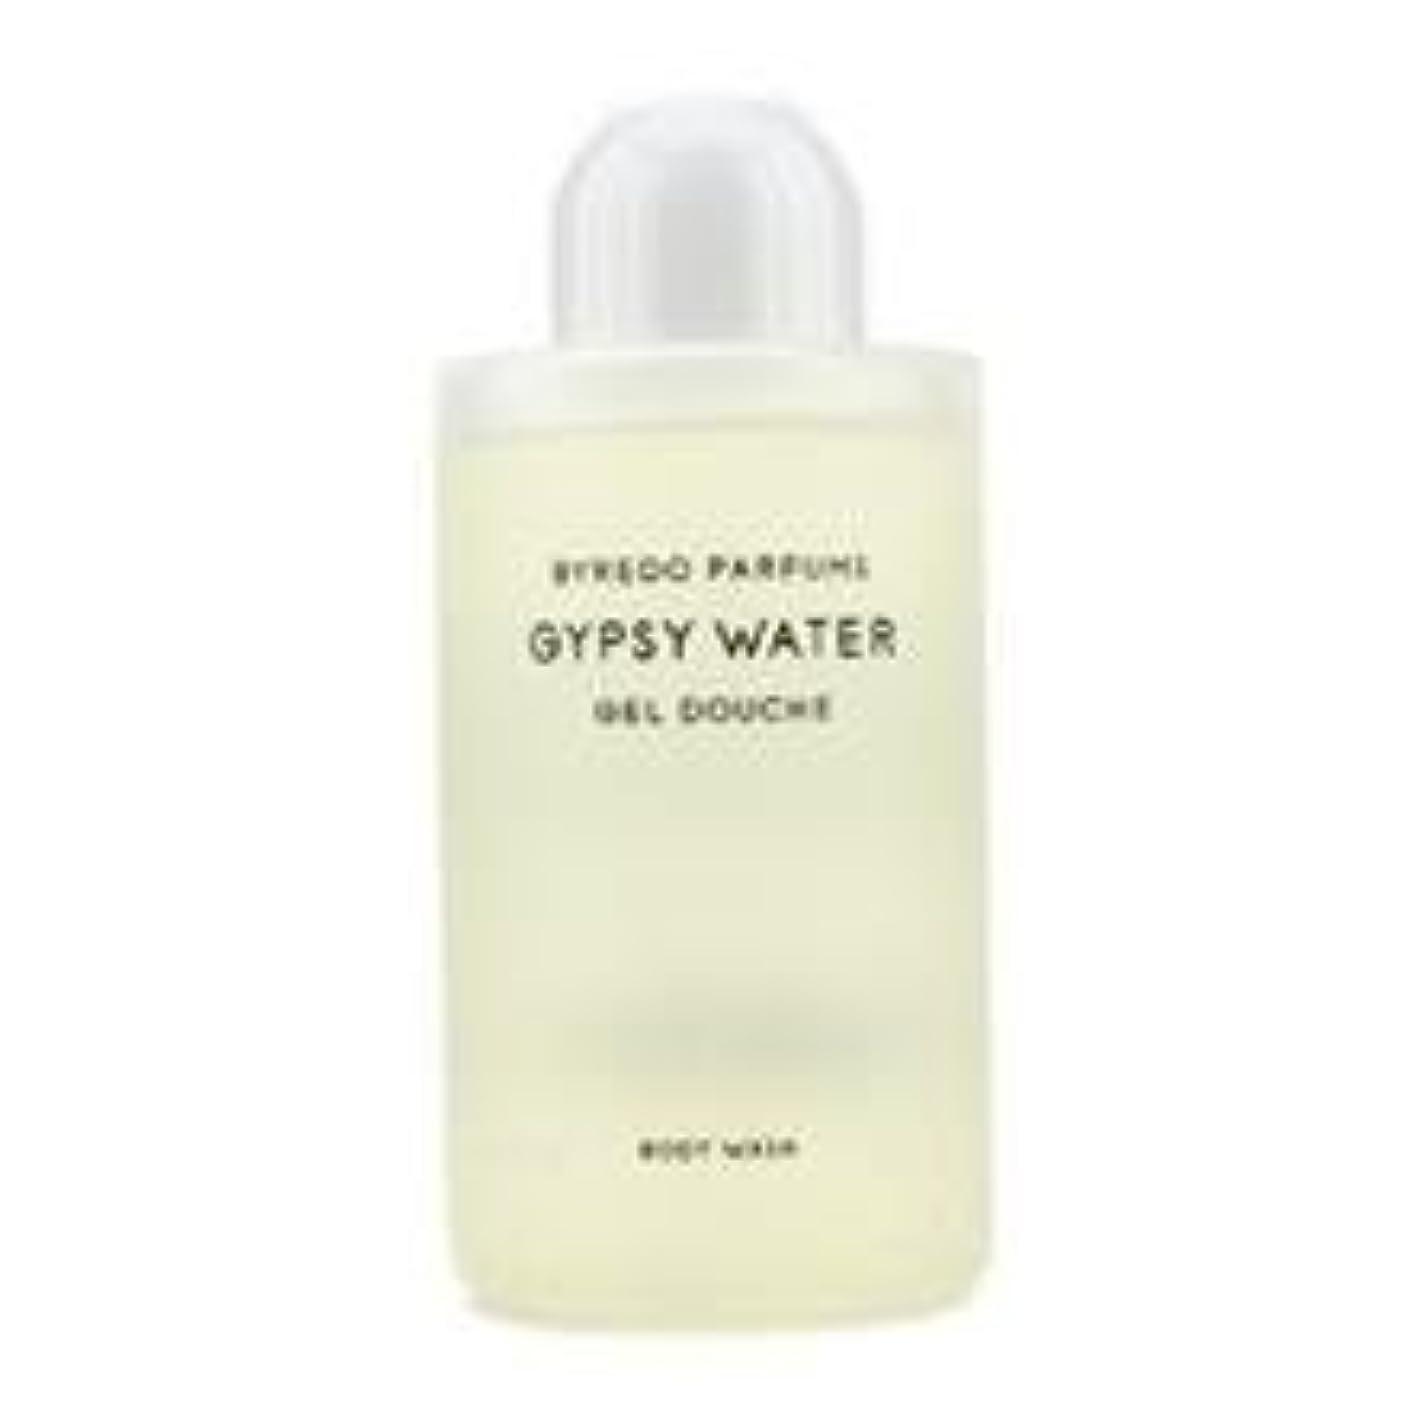 賢明なトレードモデレータByredo Gypsy Water Body Wash 225ml/7.6oz by Byredo